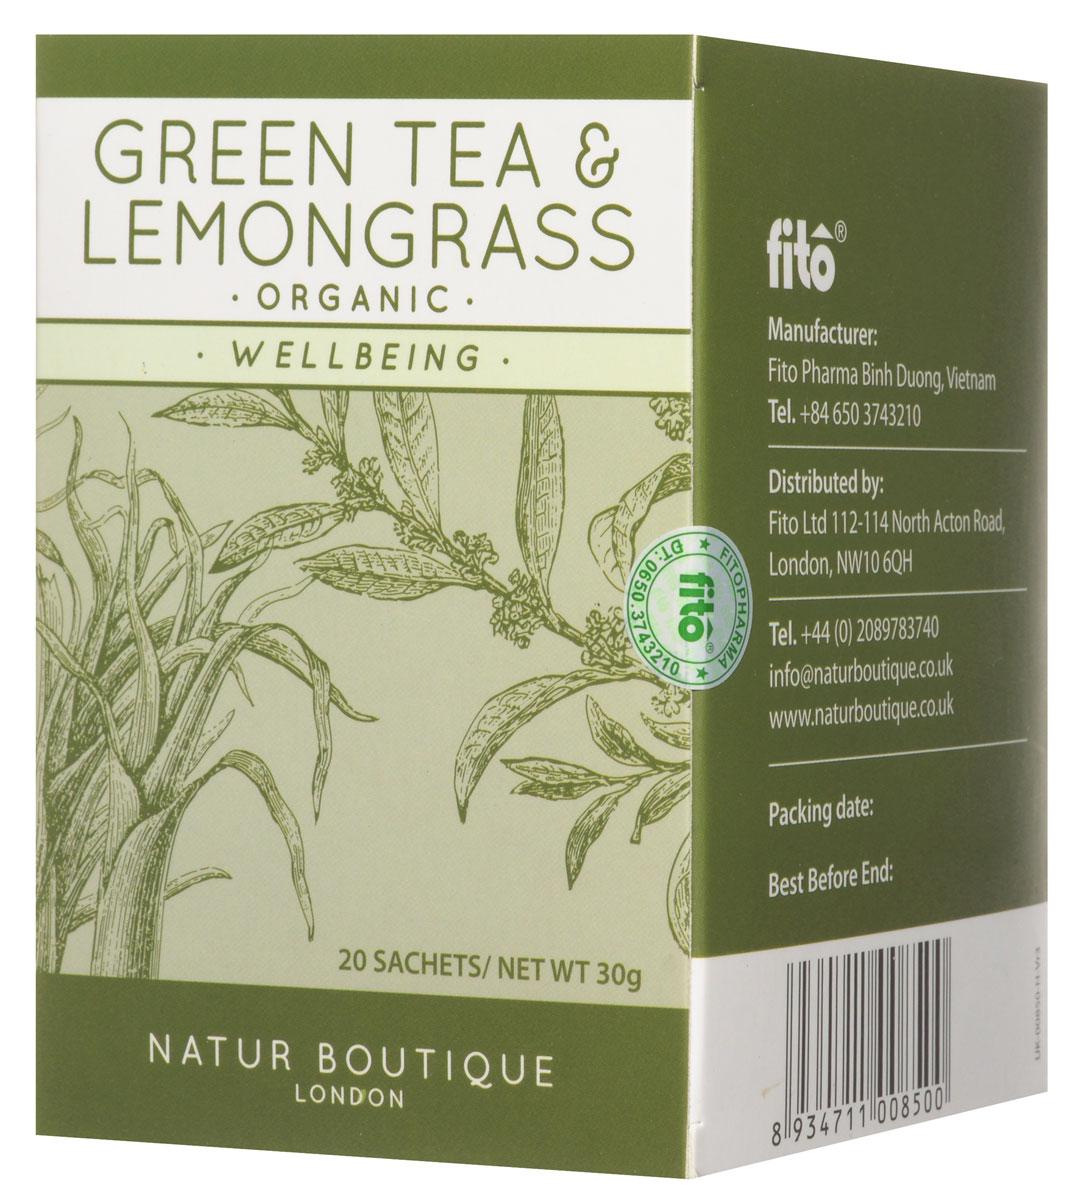 Natur Boutique Lemongrass&Green Tea Organic Tea органический зеленый чай с лемонграссом, 20 пакетиков259Зеленый чай Natur Boutique Lemongrass&Green Tea Organic Tea помогает похудеть за счет ускорения обмена веществ, регулирования уровня глюкозы, снижения аппетита и улучшения сжигания жиров. Лемонграсс, или по-другому лимонная трава, снимает нервное напряжение, успокаивает, улучшает пищеварение, стимулирует обмен веществ, а также оказывает антибактериальное и противогрибковое действие.